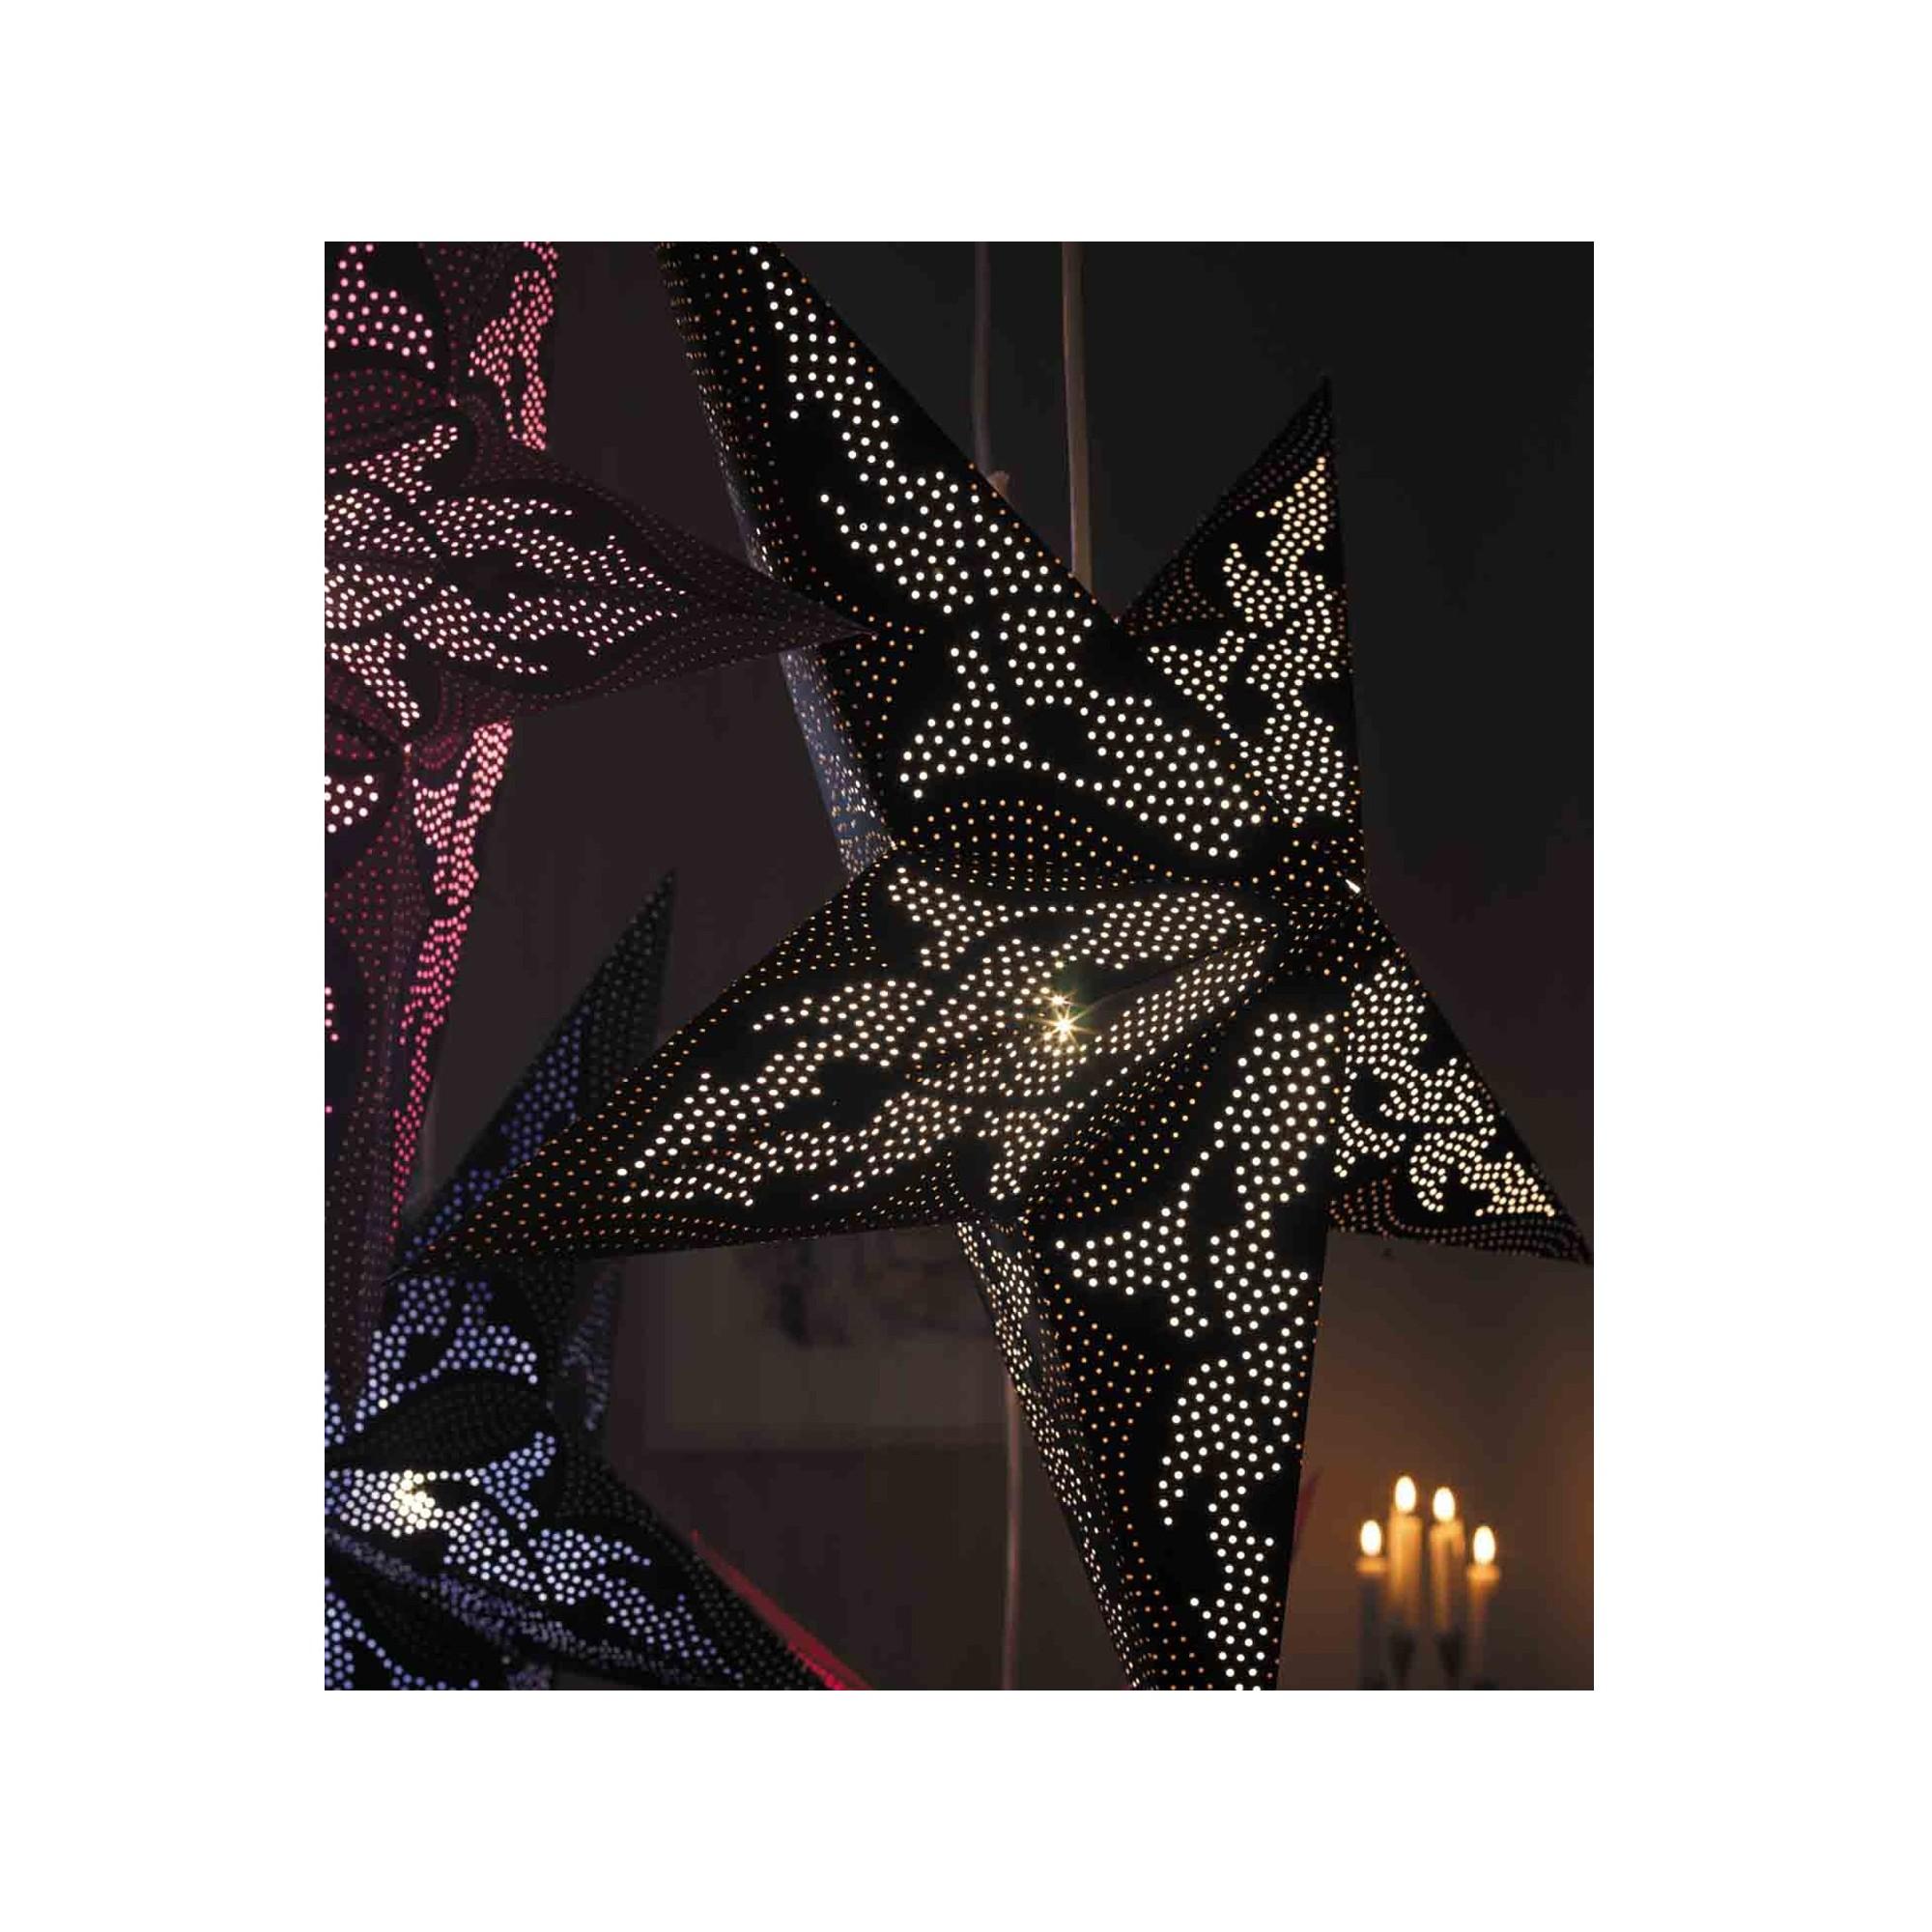 Papierstern beleuchtet weihnachtsstern damaskus kaufen - Stern beleuchtet weihnachten ...